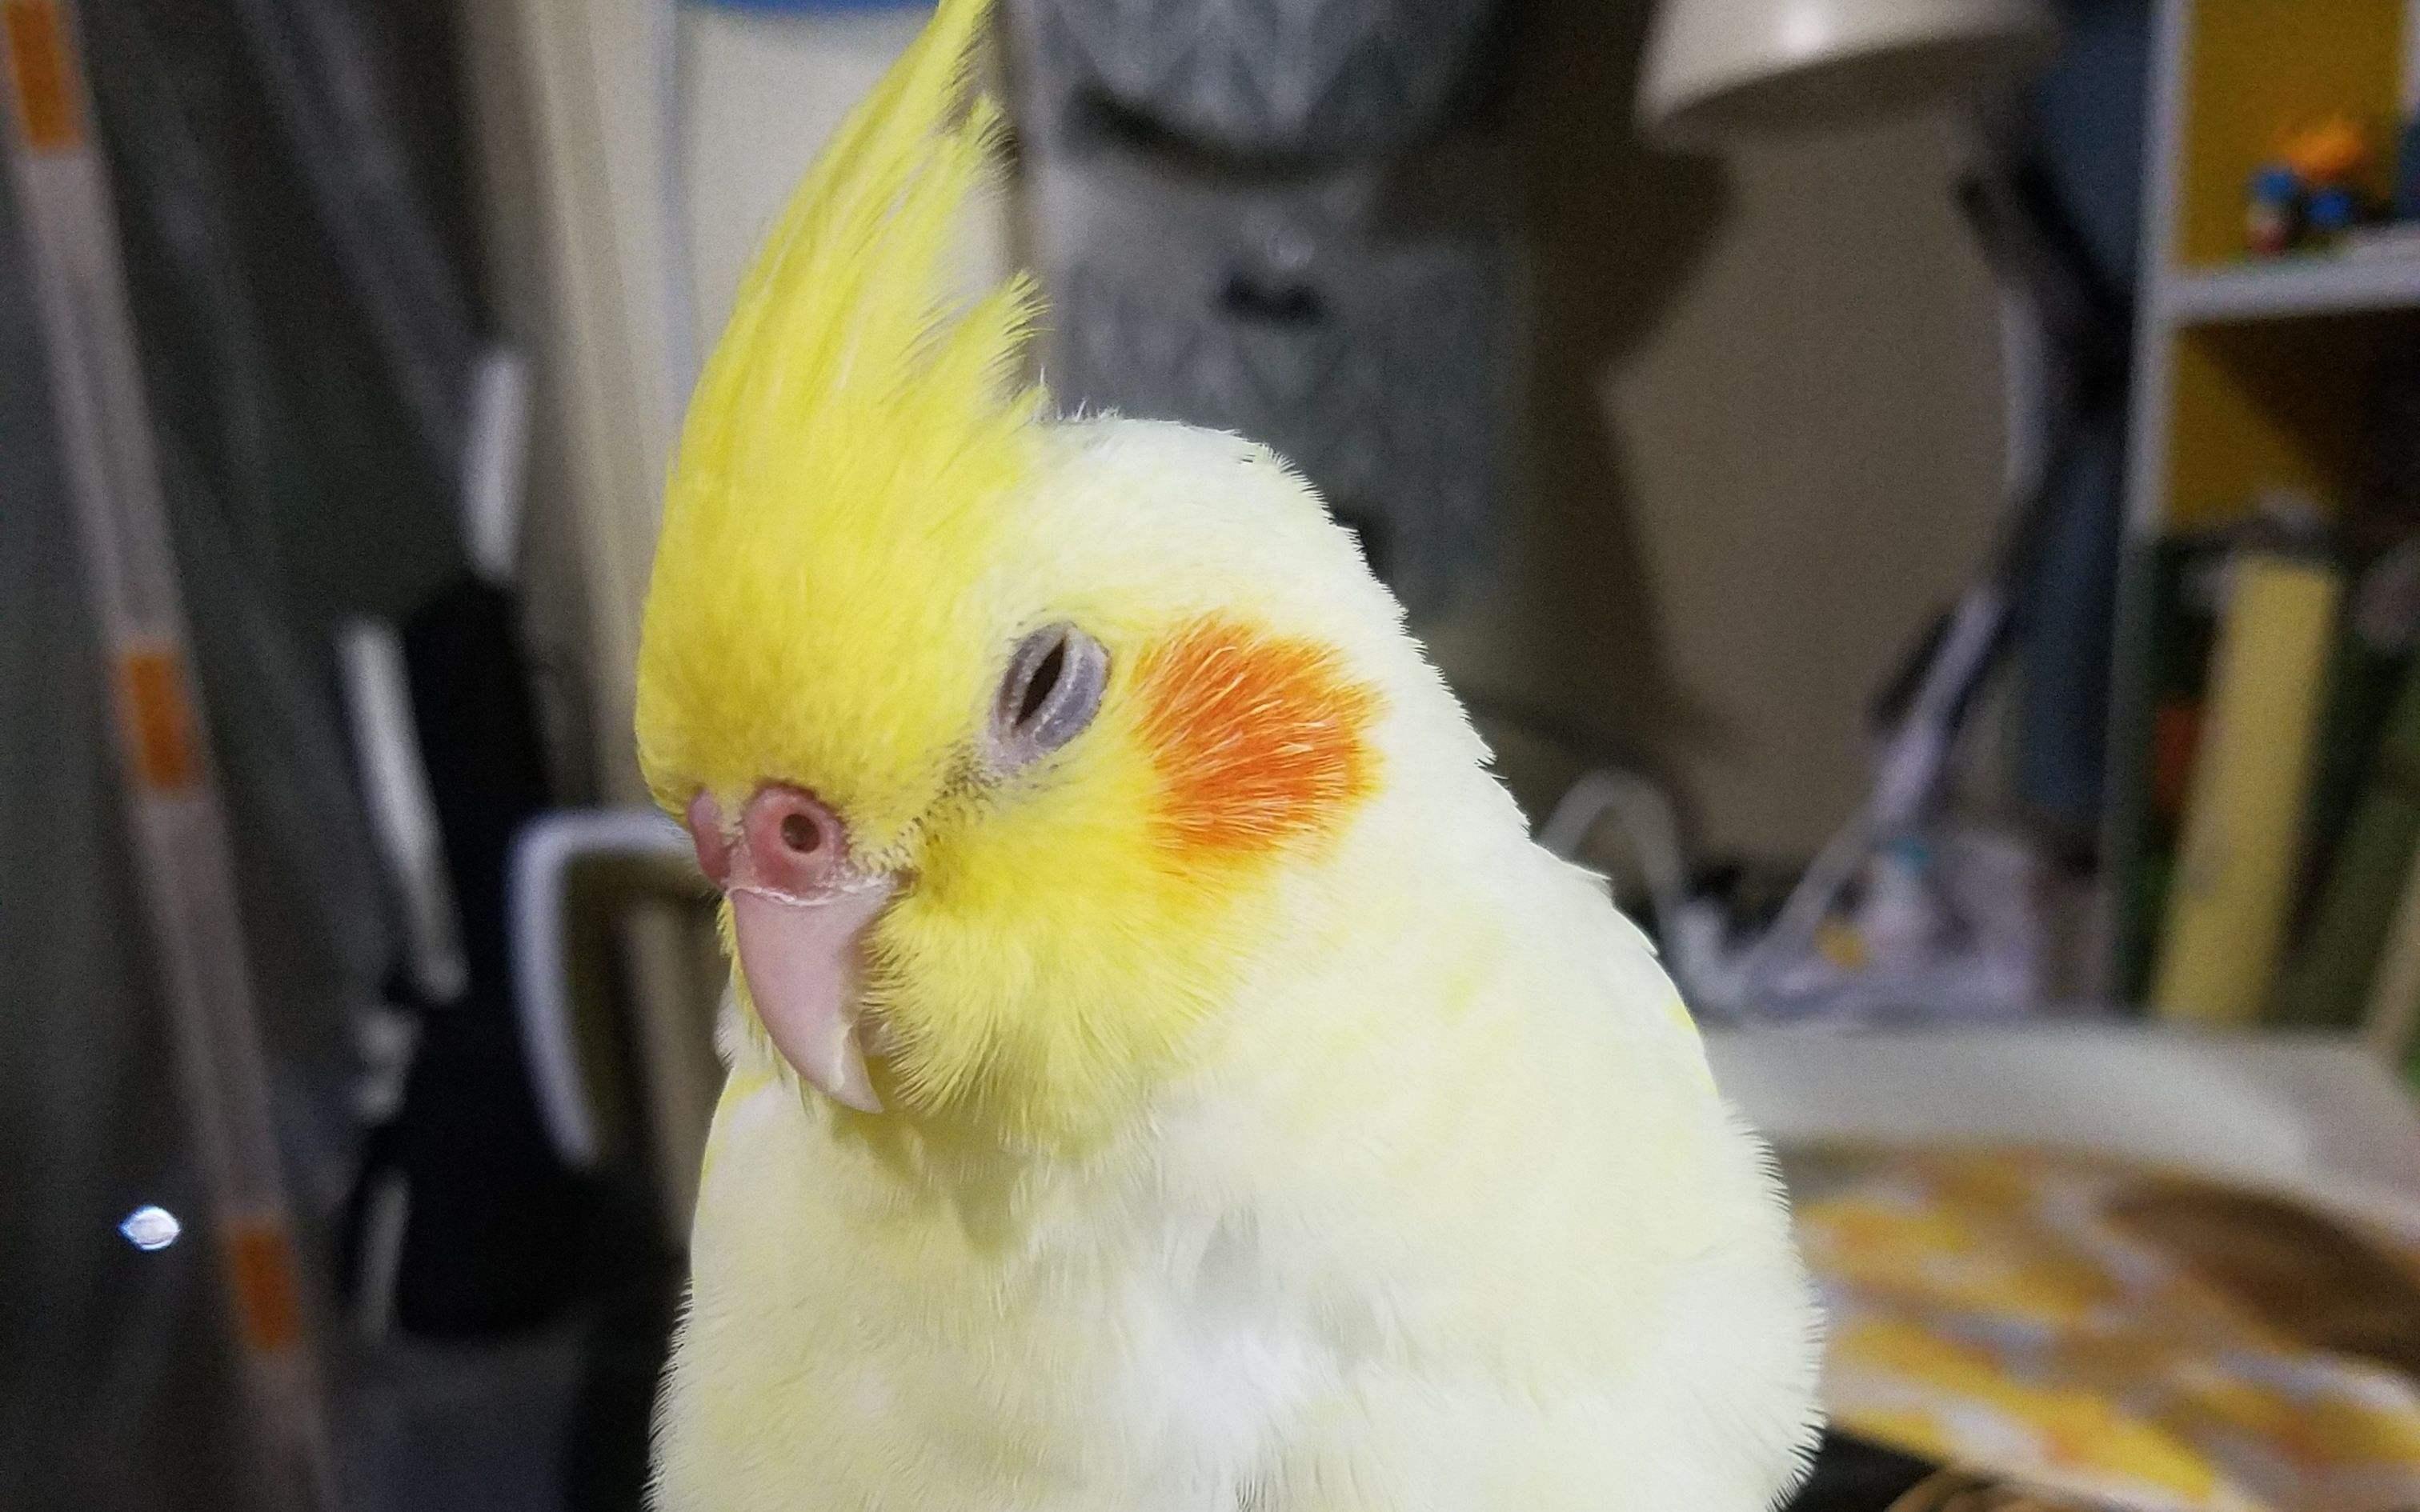 鸡尾鹦鹉寿命 鸡尾鹦鹉的寿命有多长